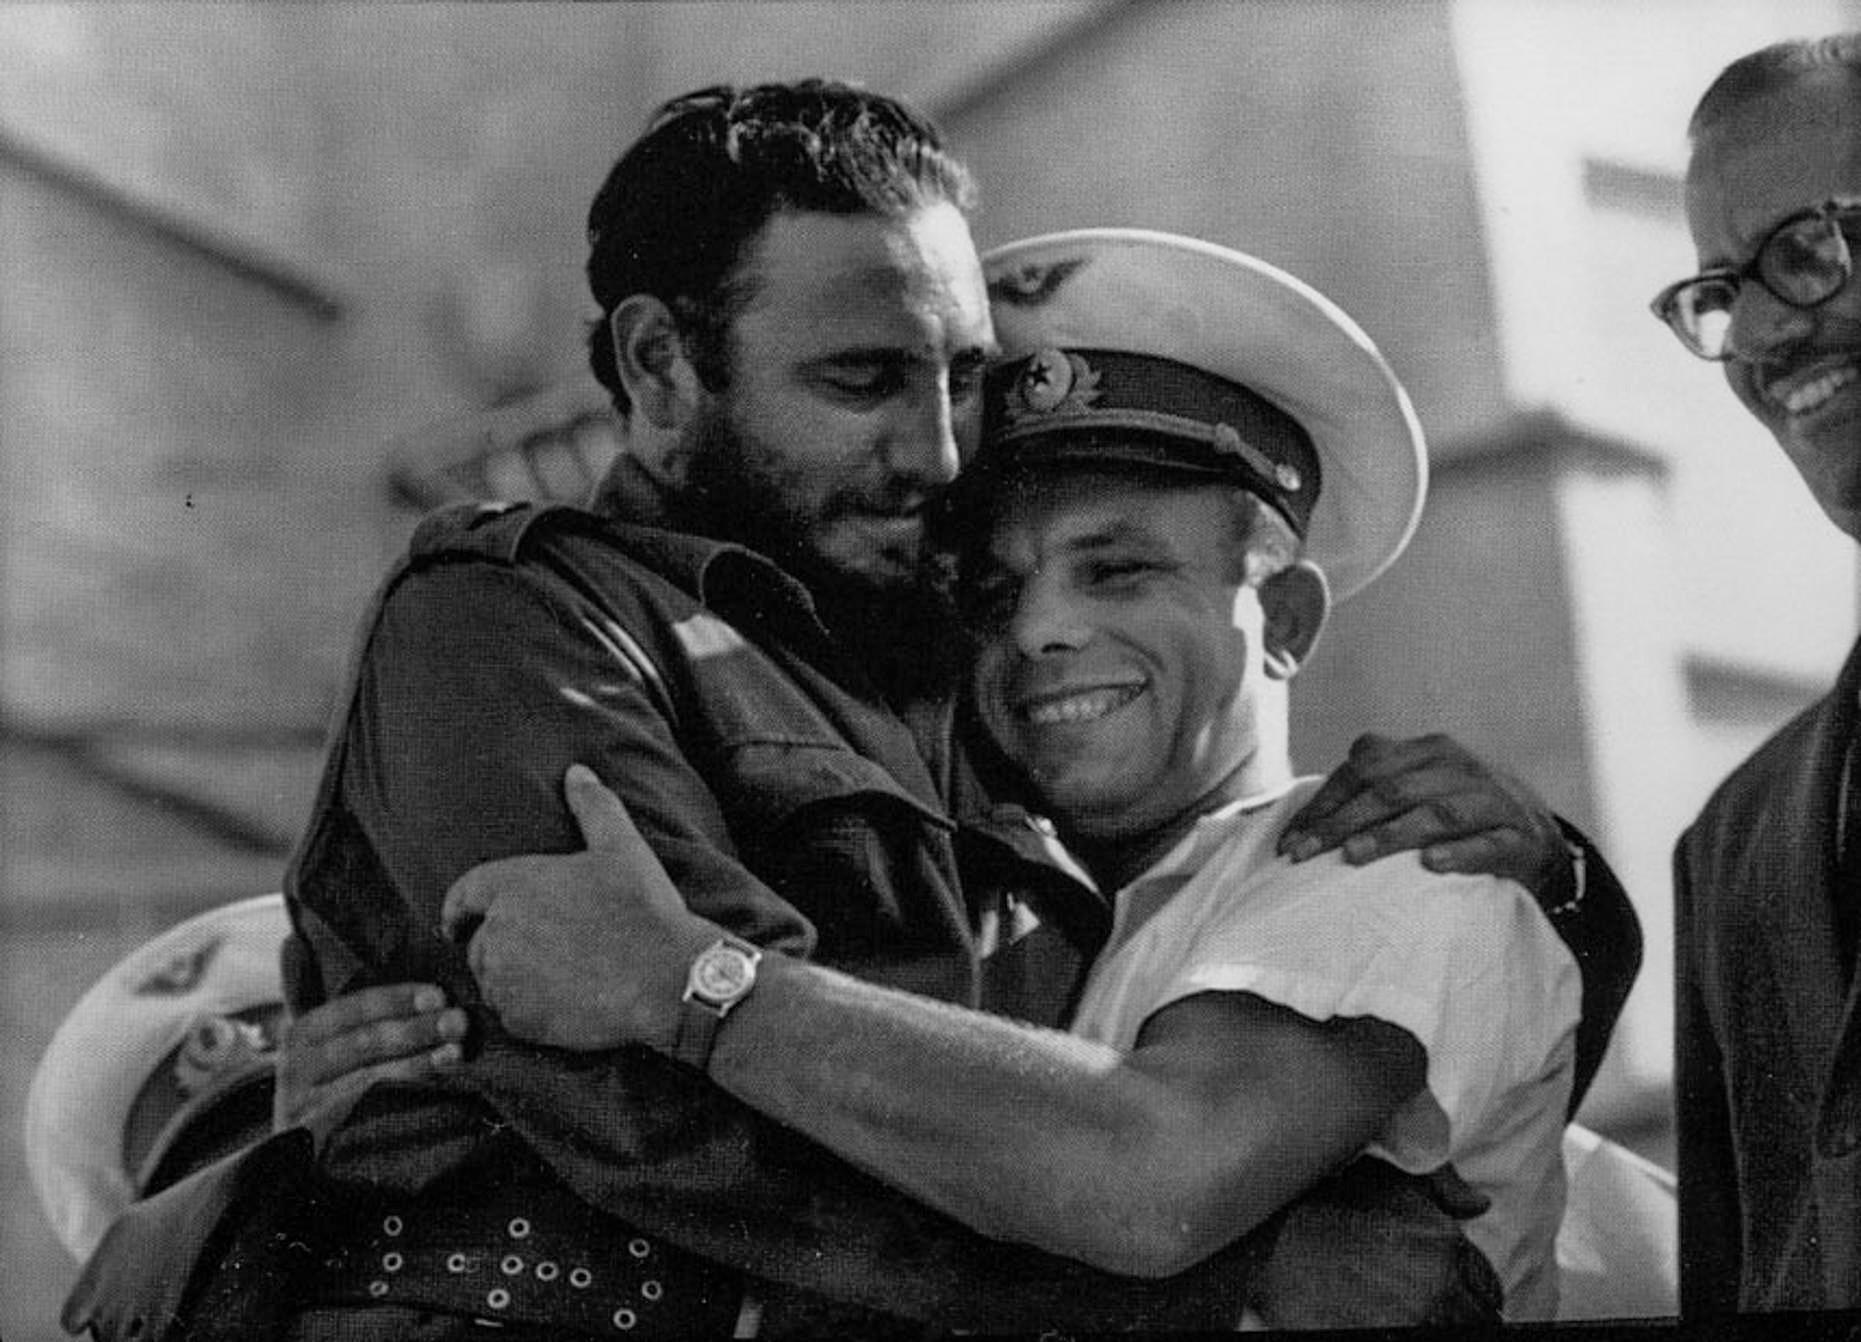 Топлата средба на Фидел Кастро и Јуриј Гагарин, 26 јуни 1961 година